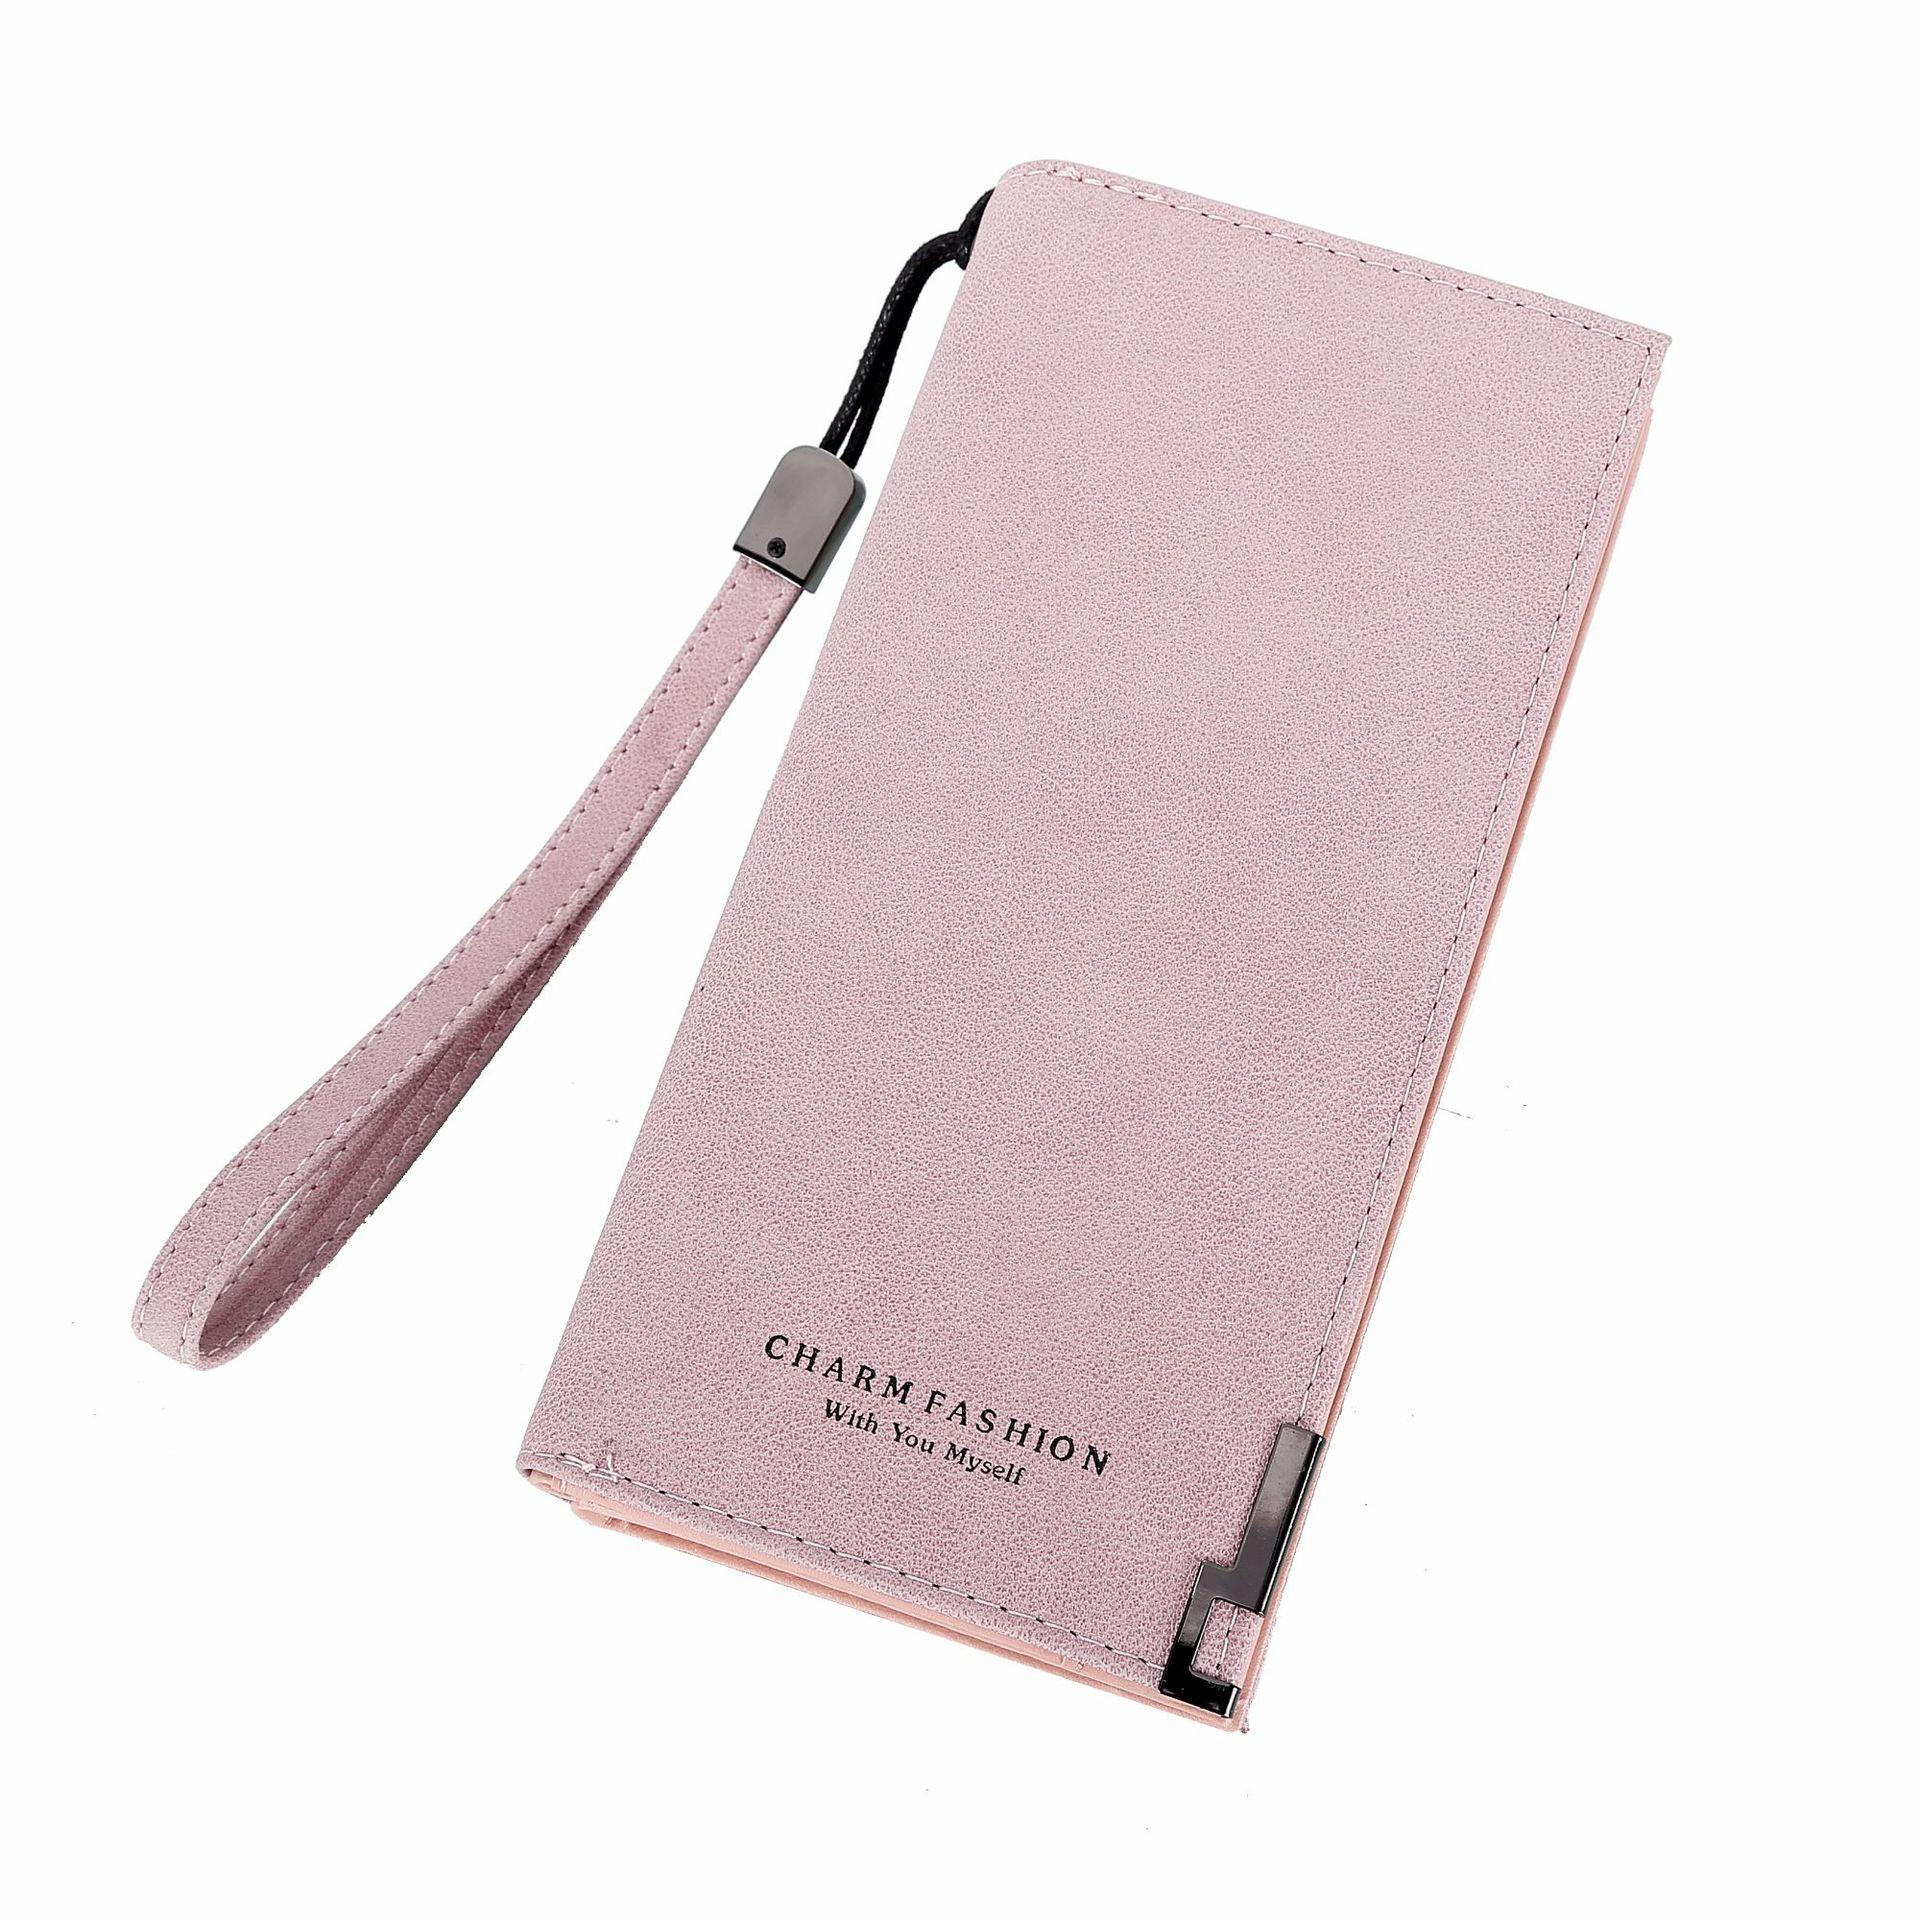 Женские кошельки, модная женская барсетка с ремешком на руку, сумки, длинная сумка для денег, на молнии, кошелек для монет, для карт, ID держатель, клатч, женский кошелек, Burse Notecase - Цвет: Pink